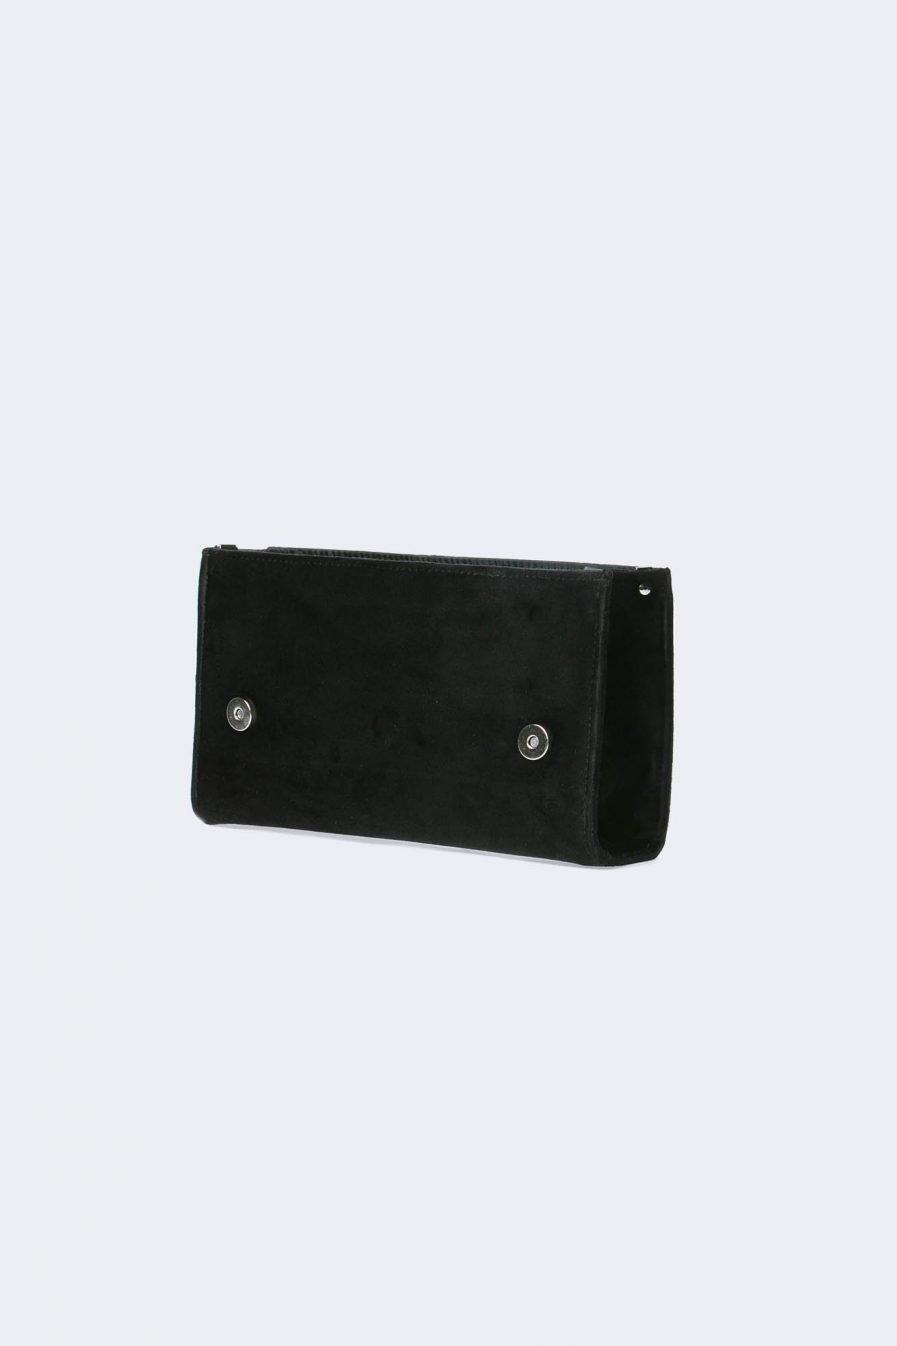 scocca nera velluto per borsa componibile